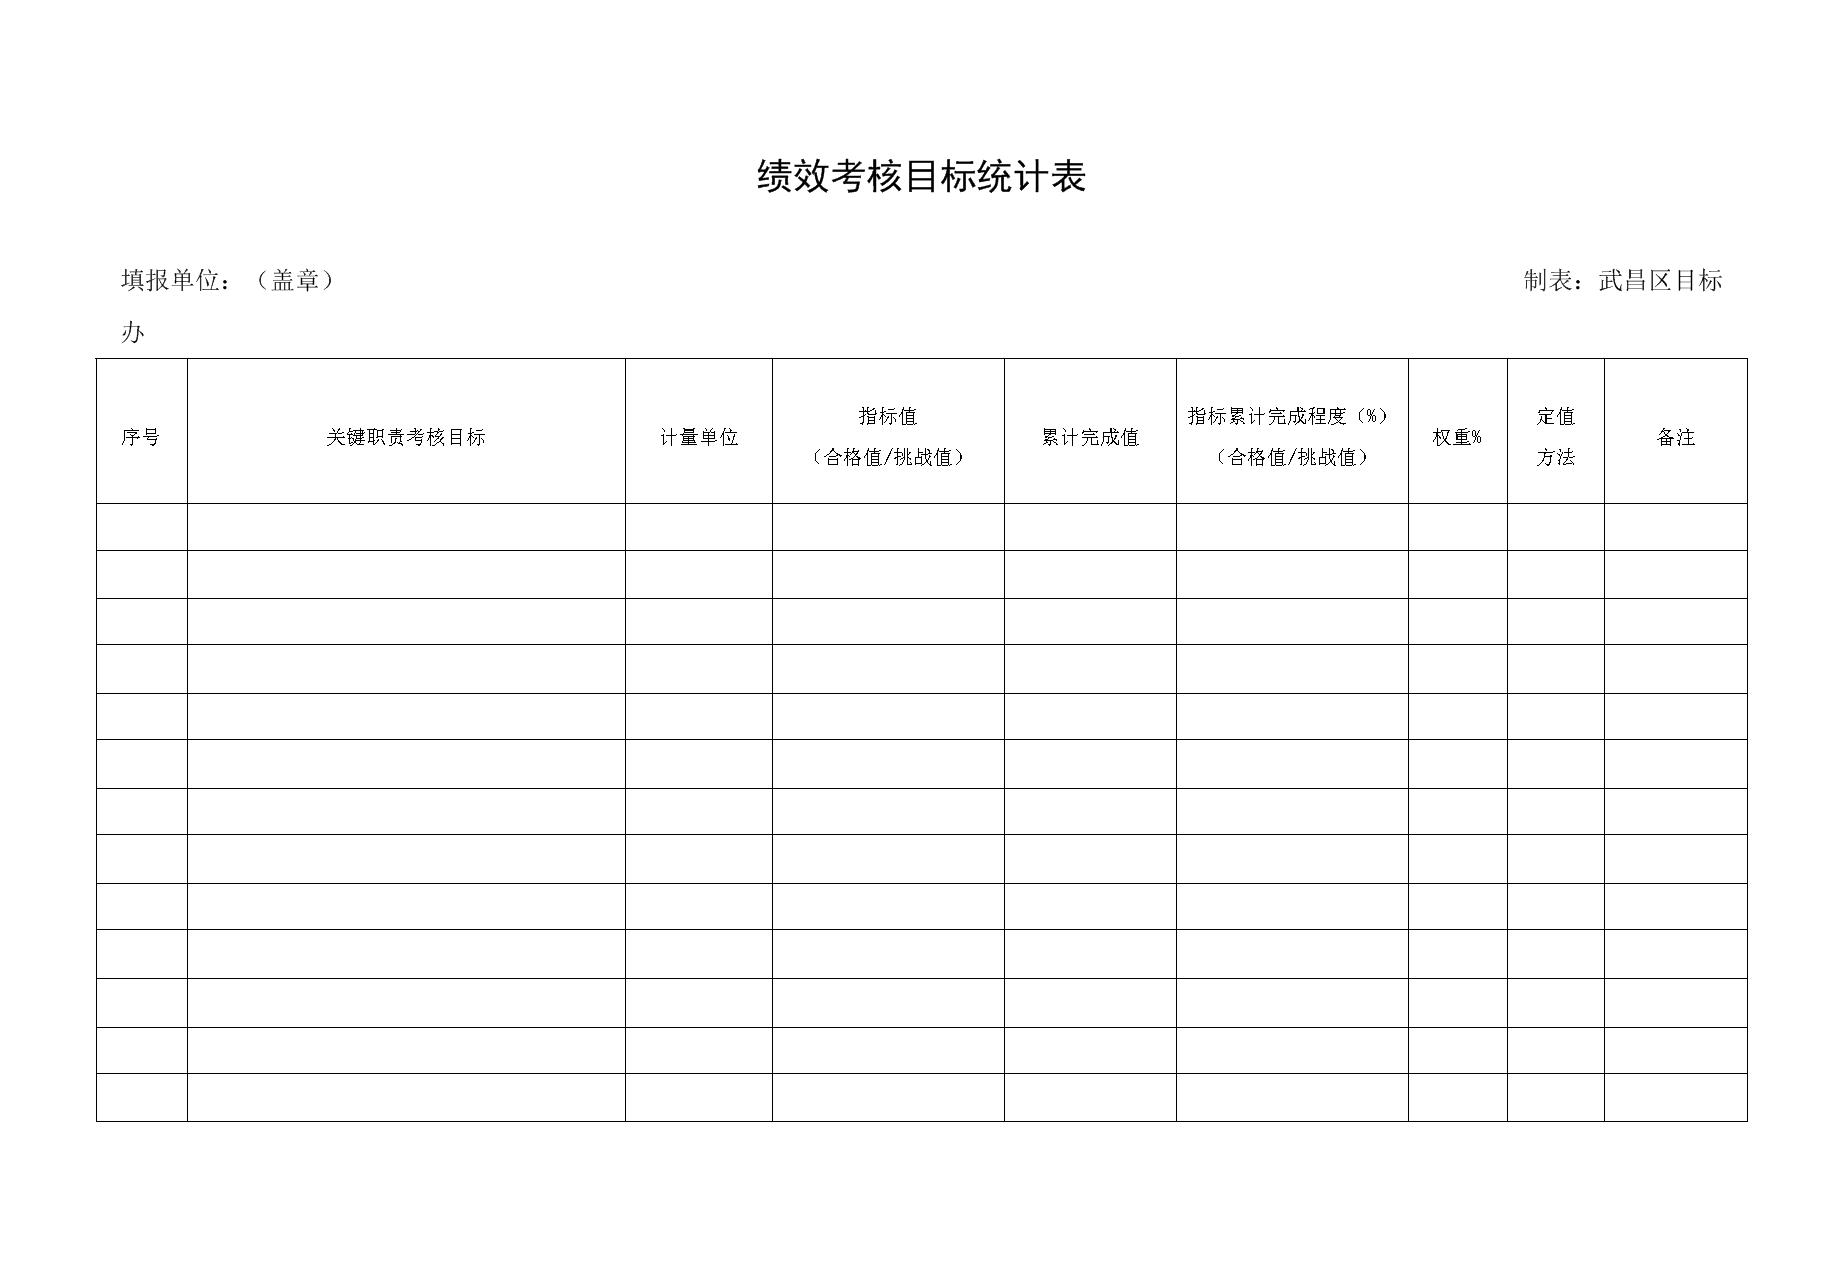 绩效考核目标统计表.DOC